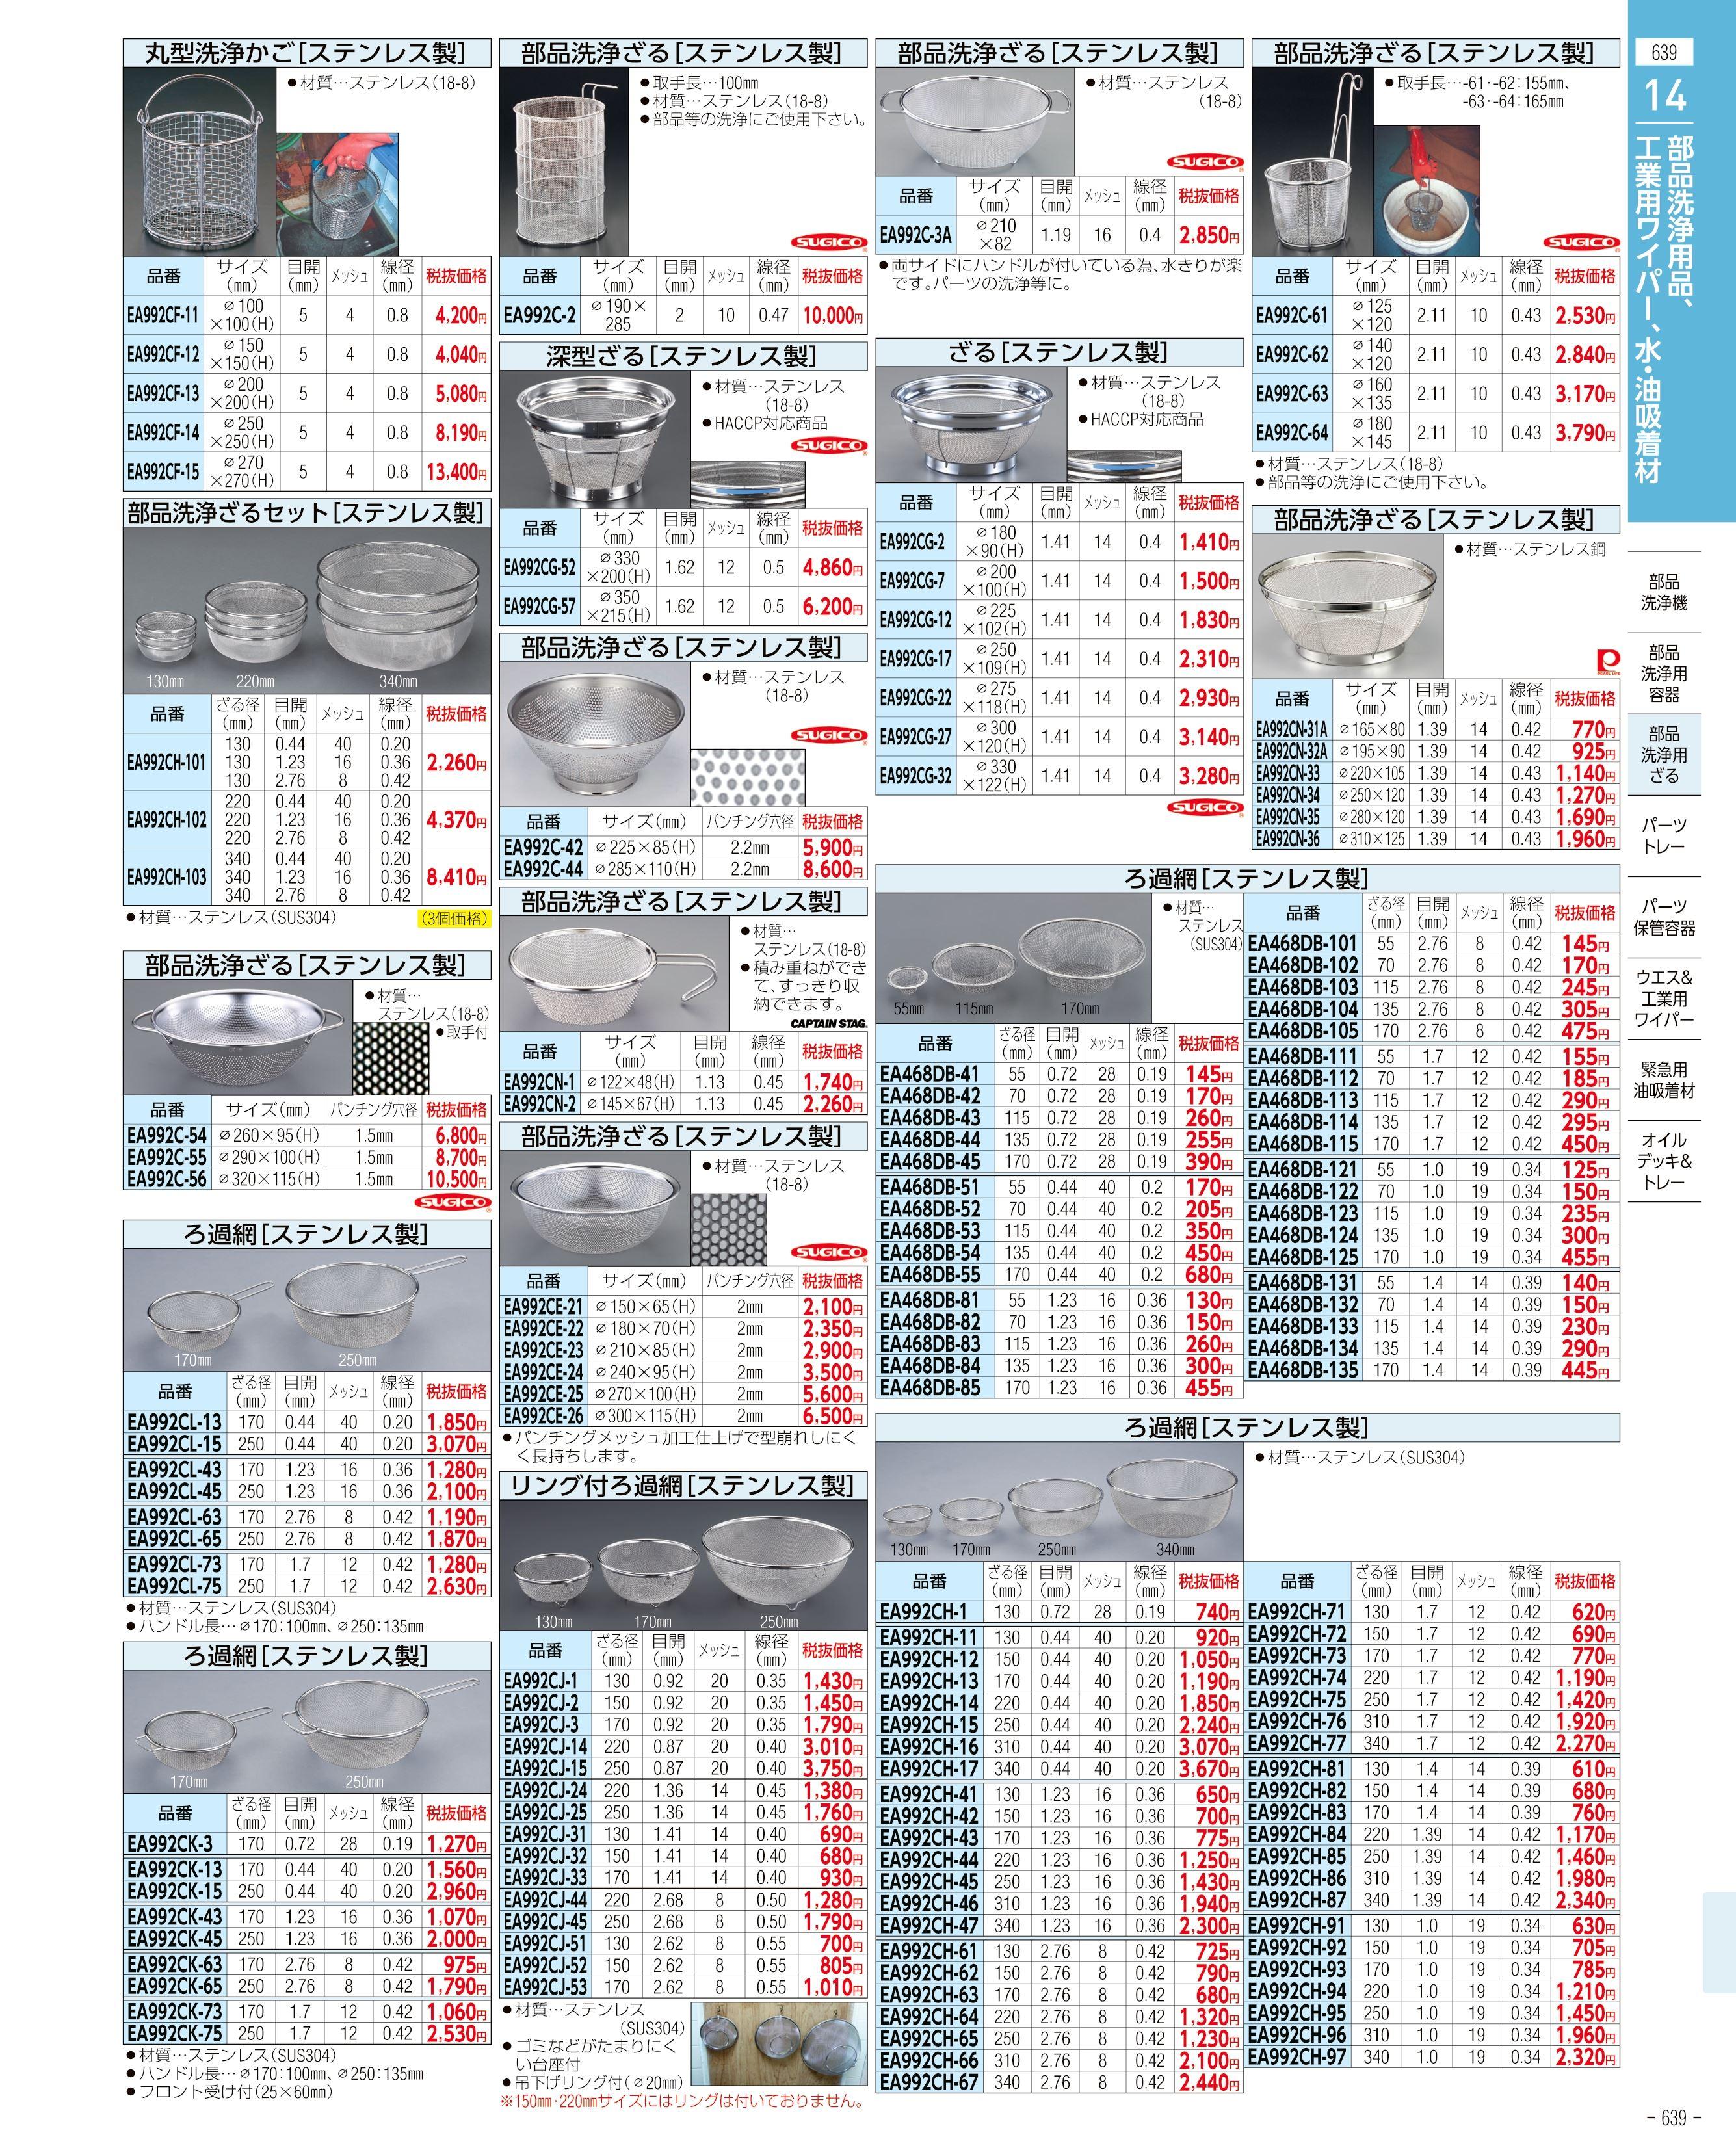 エスコ便利カタログ639ページ